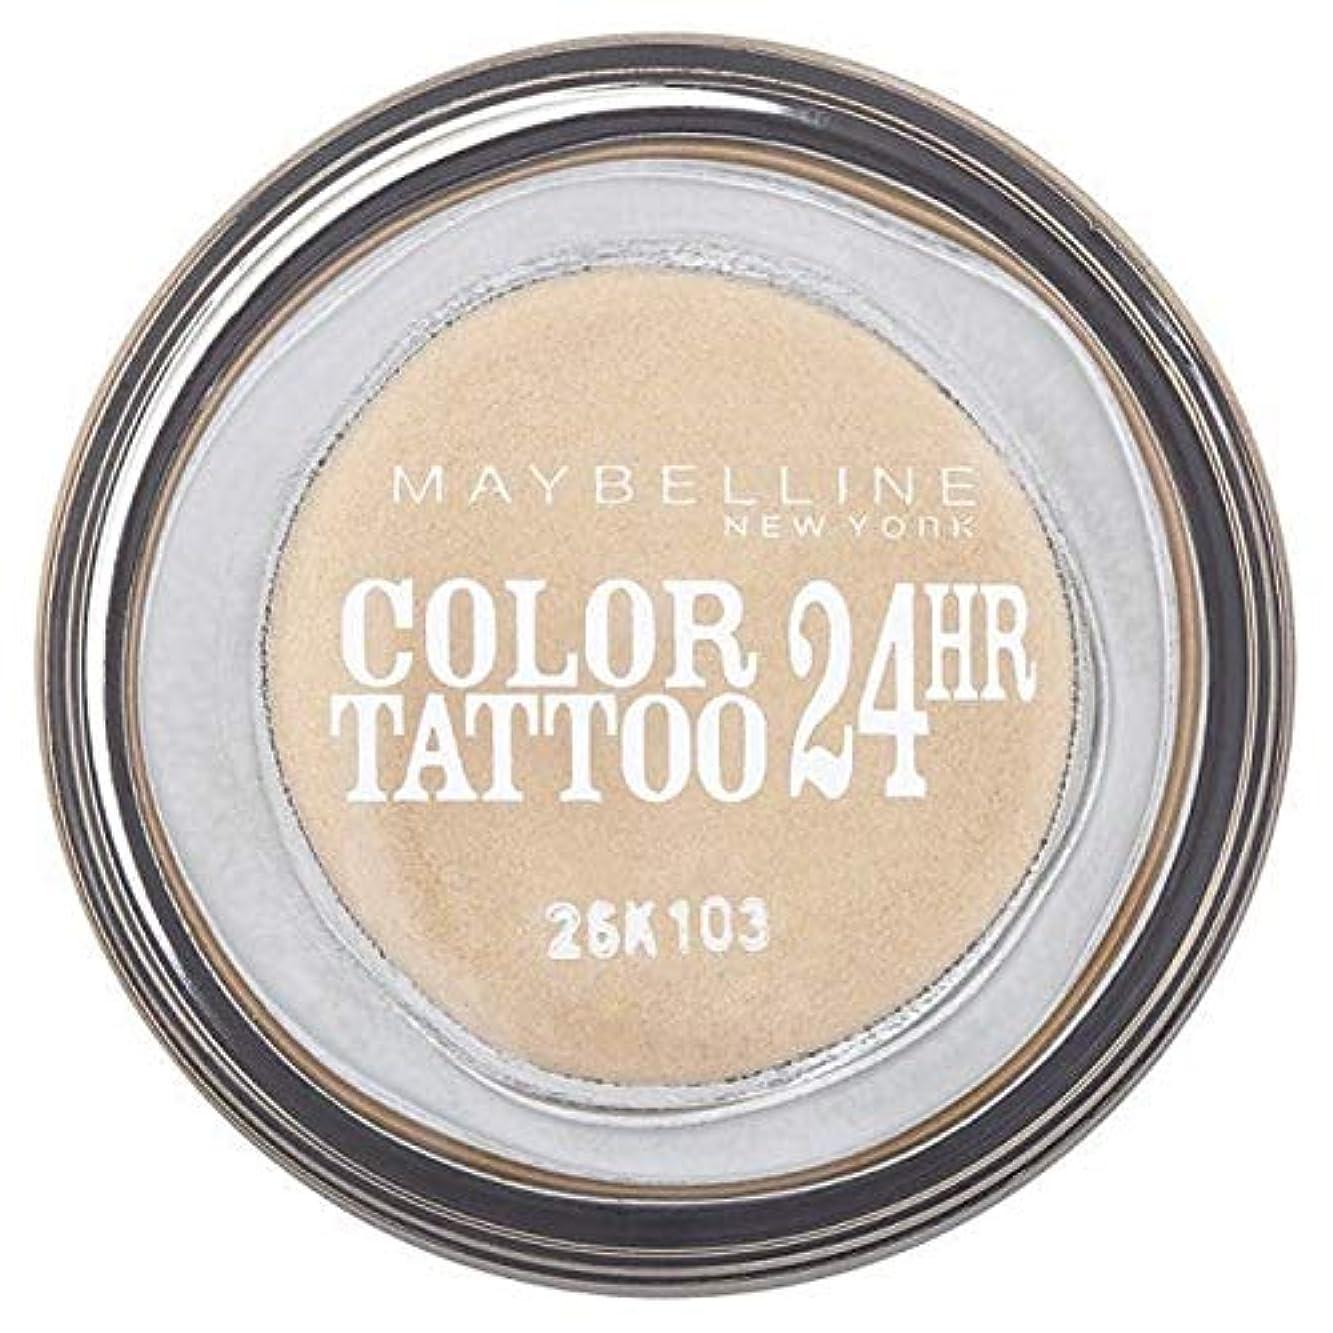 鉱夫解放する充実[Maybelline ] シングルアイシャドウ05金24時間メイベリンカラータトゥー - Maybelline Color Tattoo 24Hr Single Eyeshadow 05 Gold [並行輸入品]